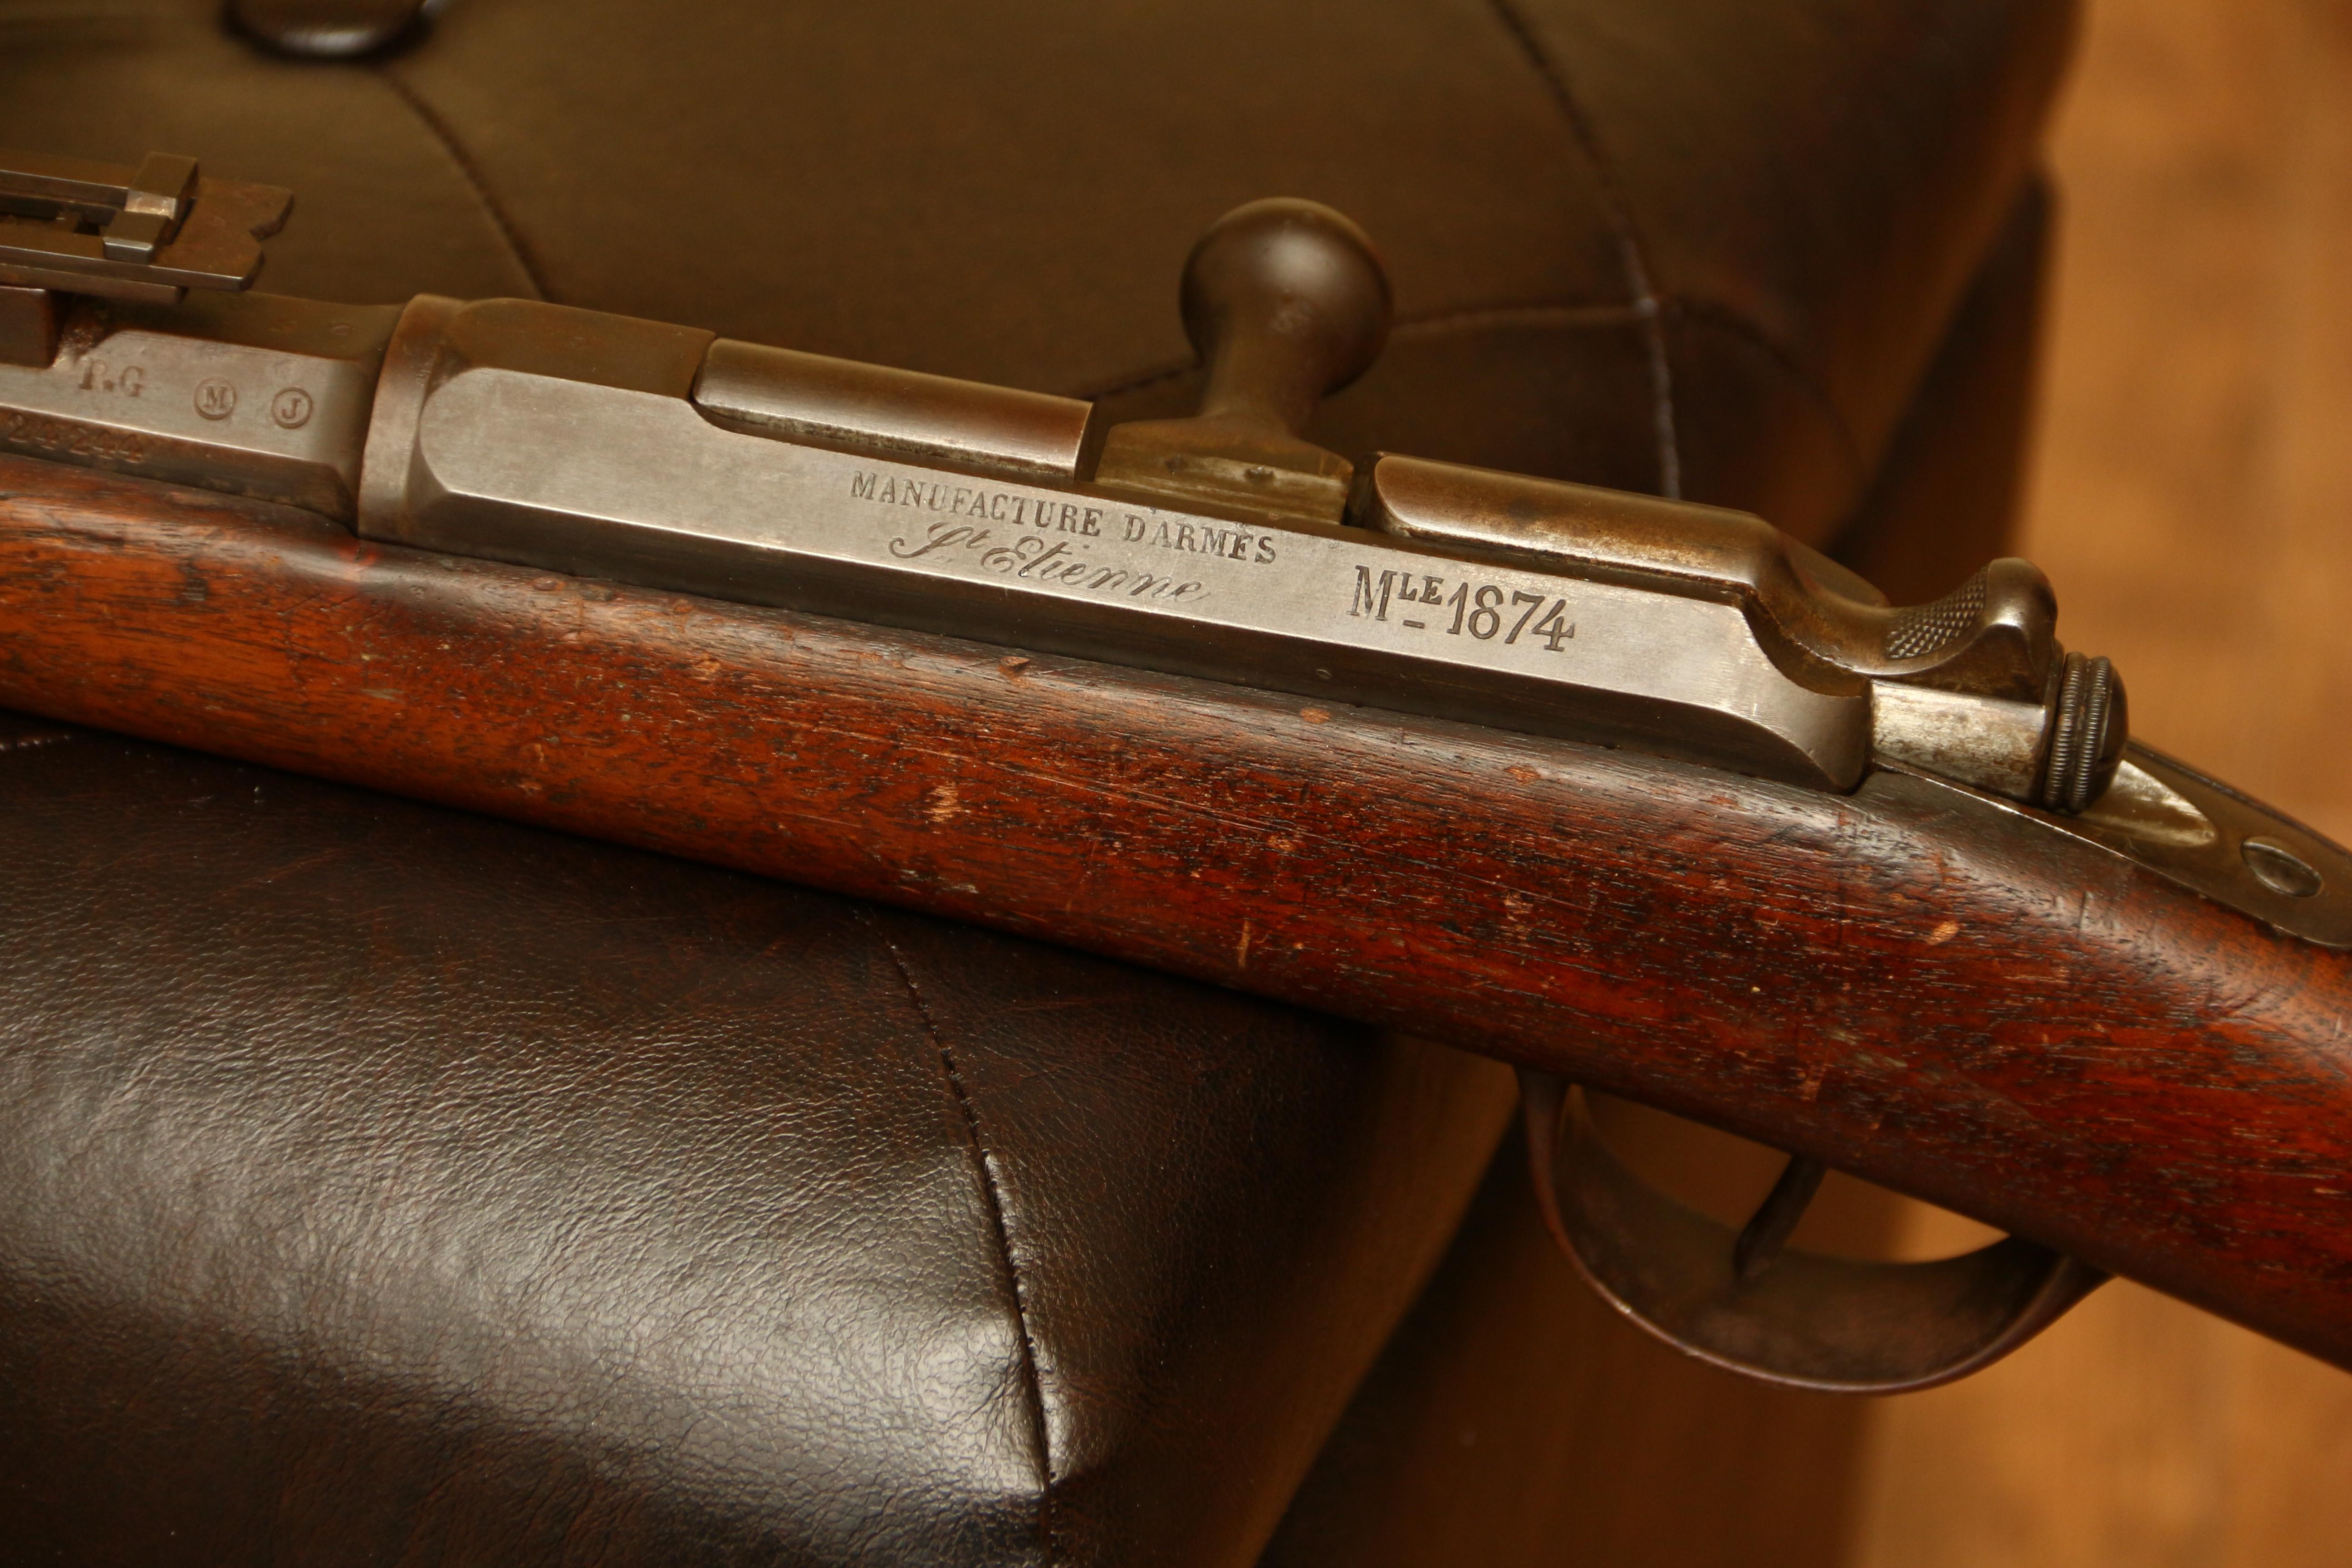 Французская винтовка Gra mle 1874, №24244, 1878 год выпуска